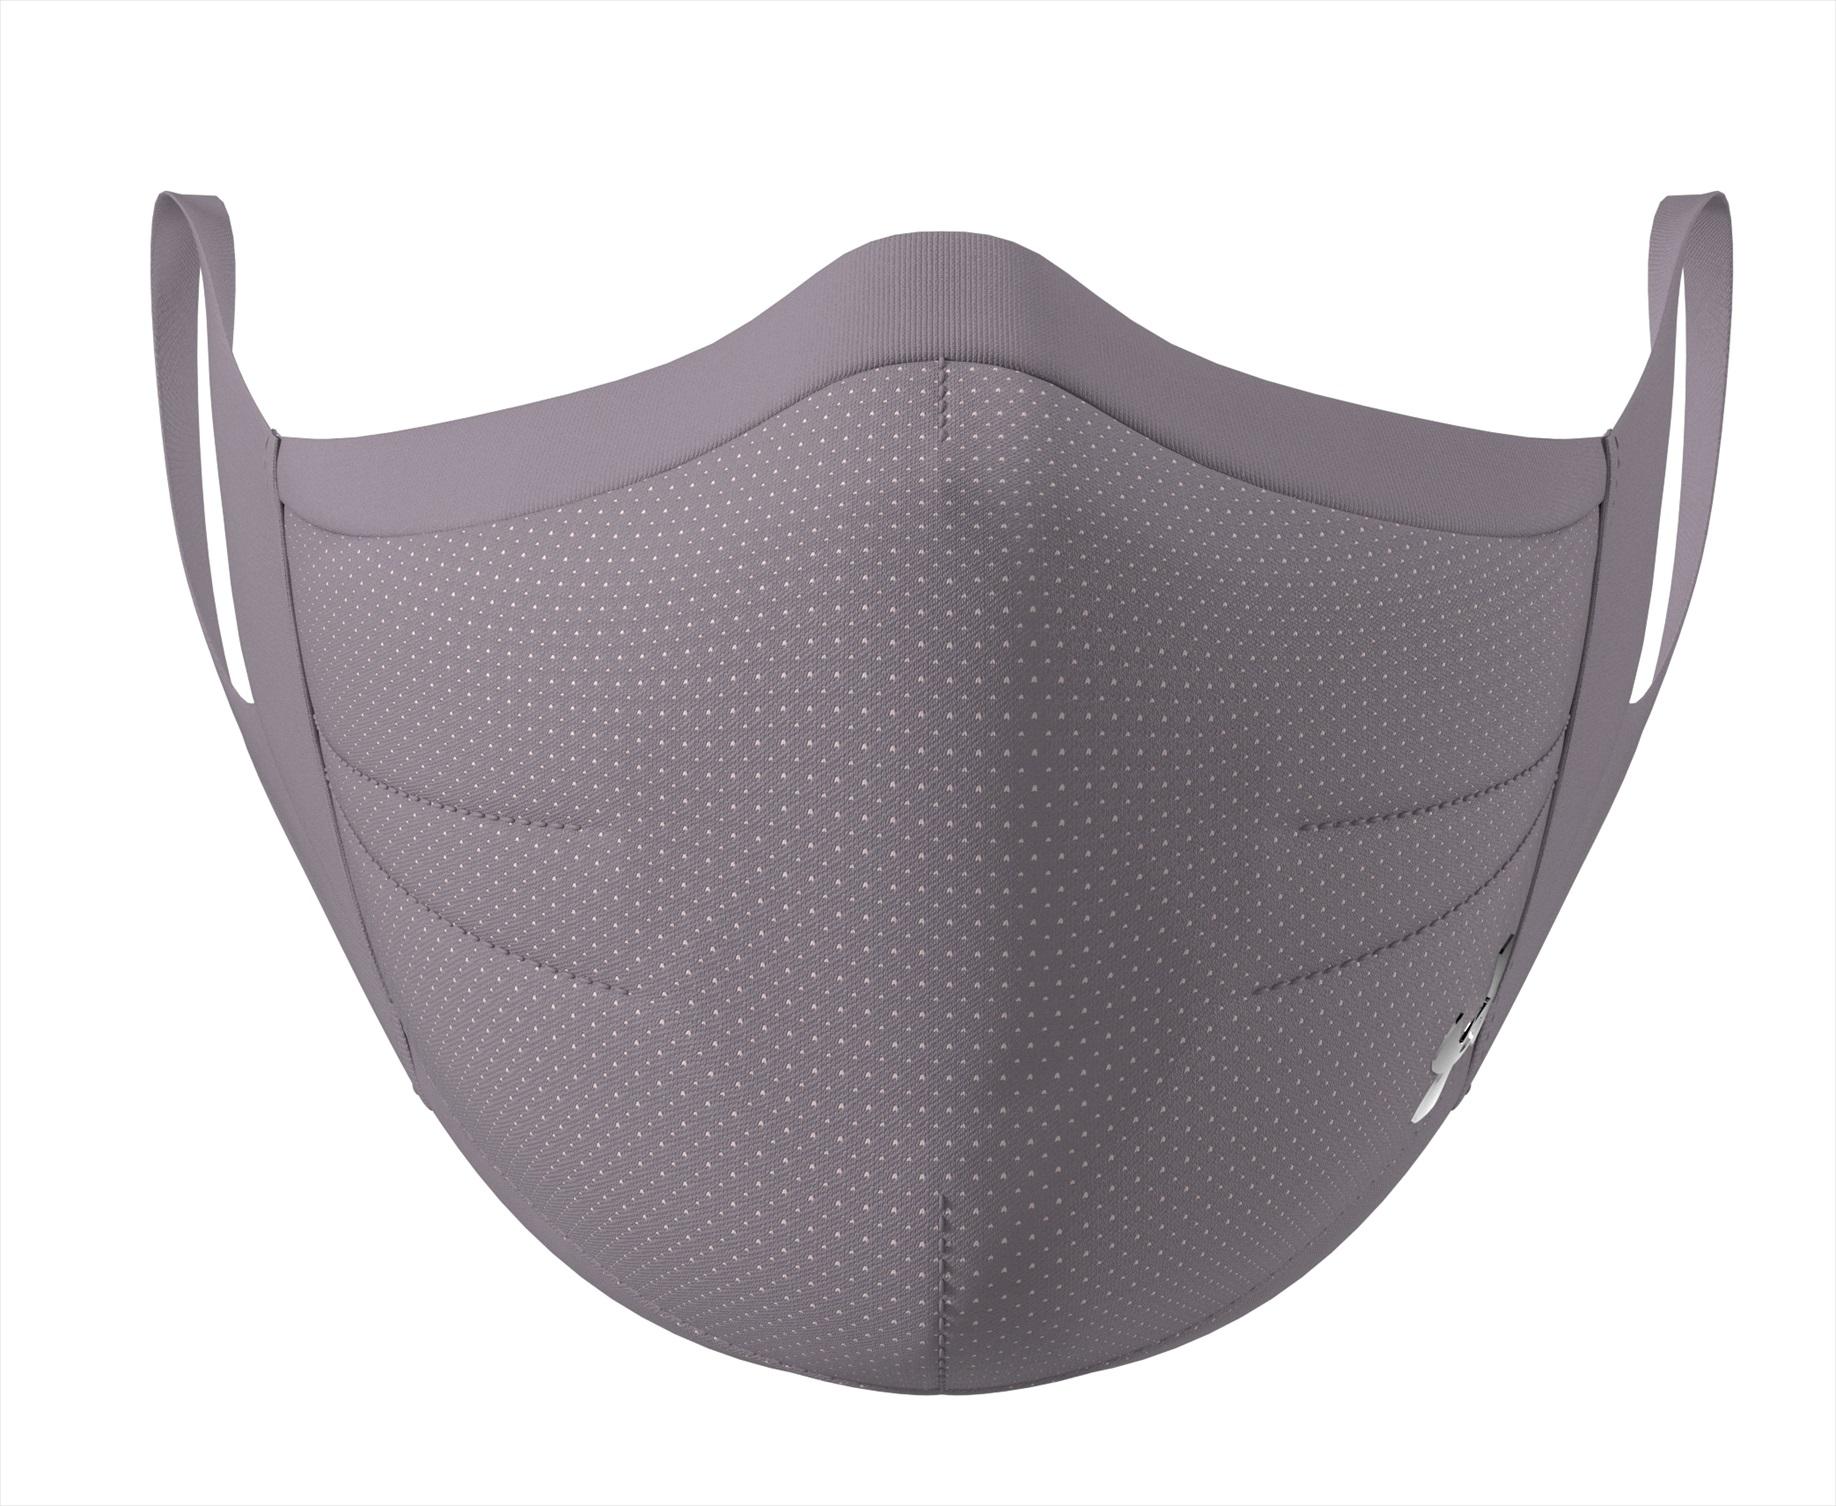 しっかり飛沫防止!息苦しくないランニング用接触冷感マスクのおすすめは?